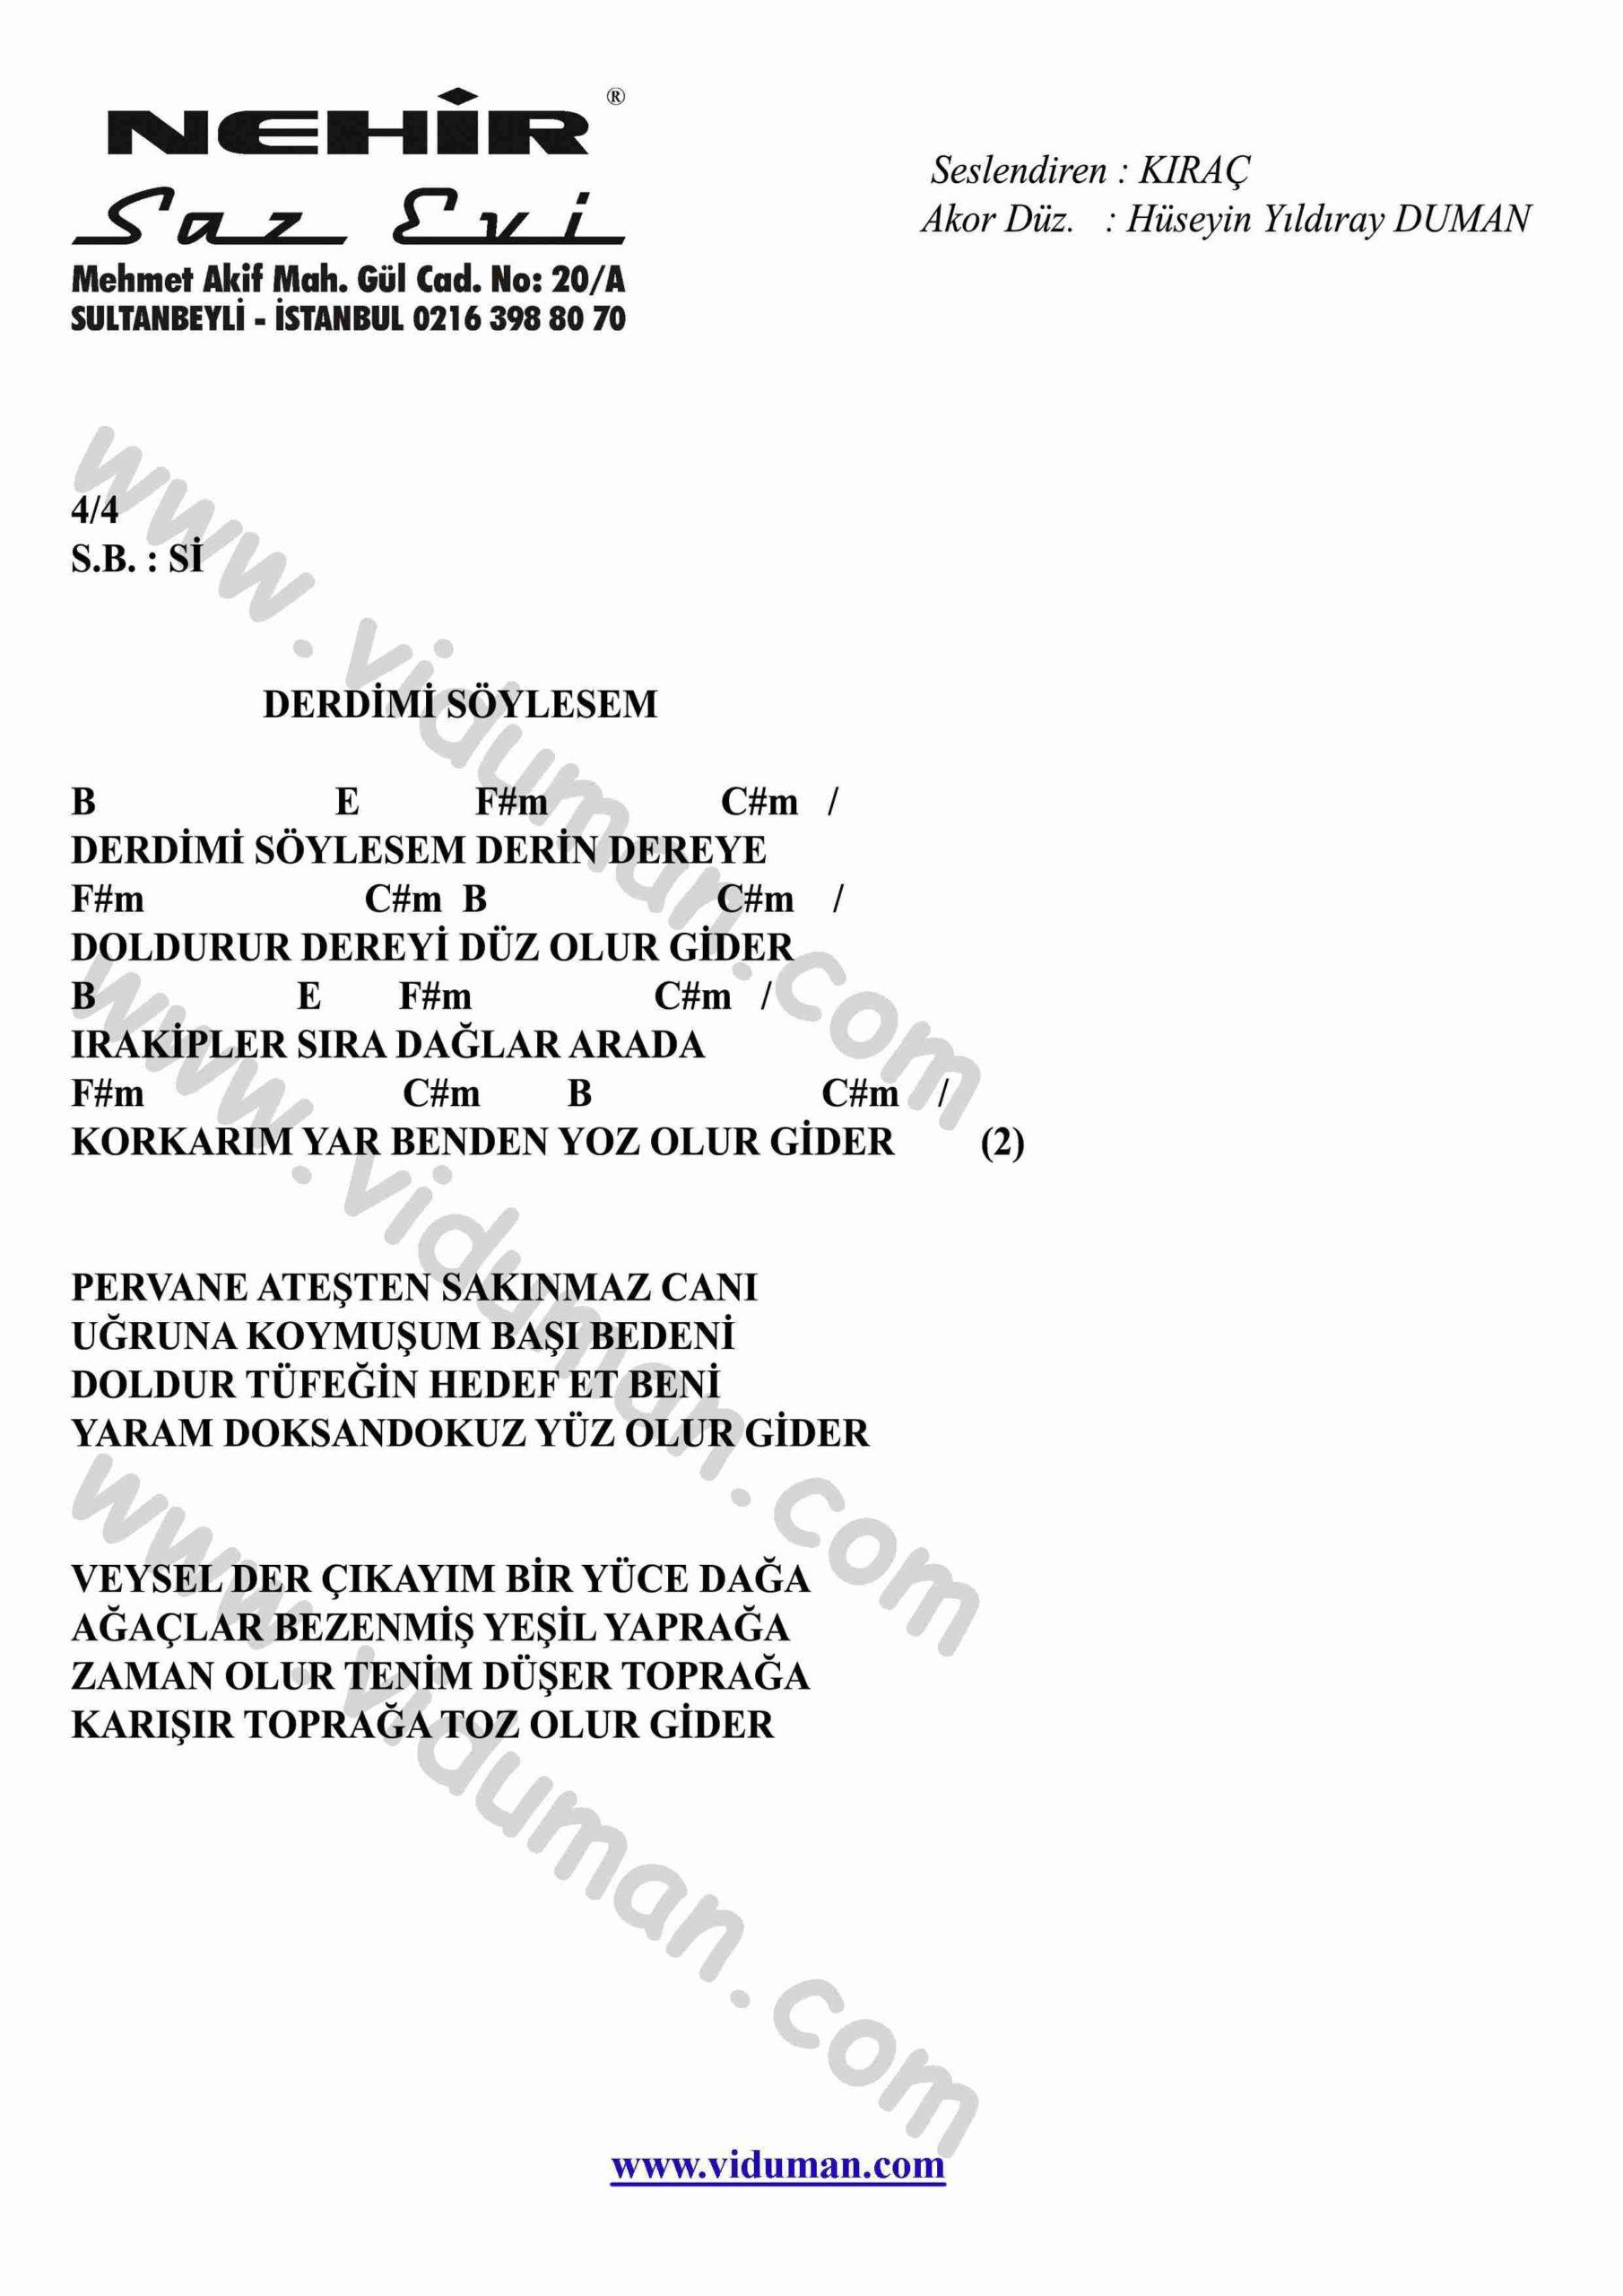 Derdimi Soylesem-Gitar-Ritim-Akorlari